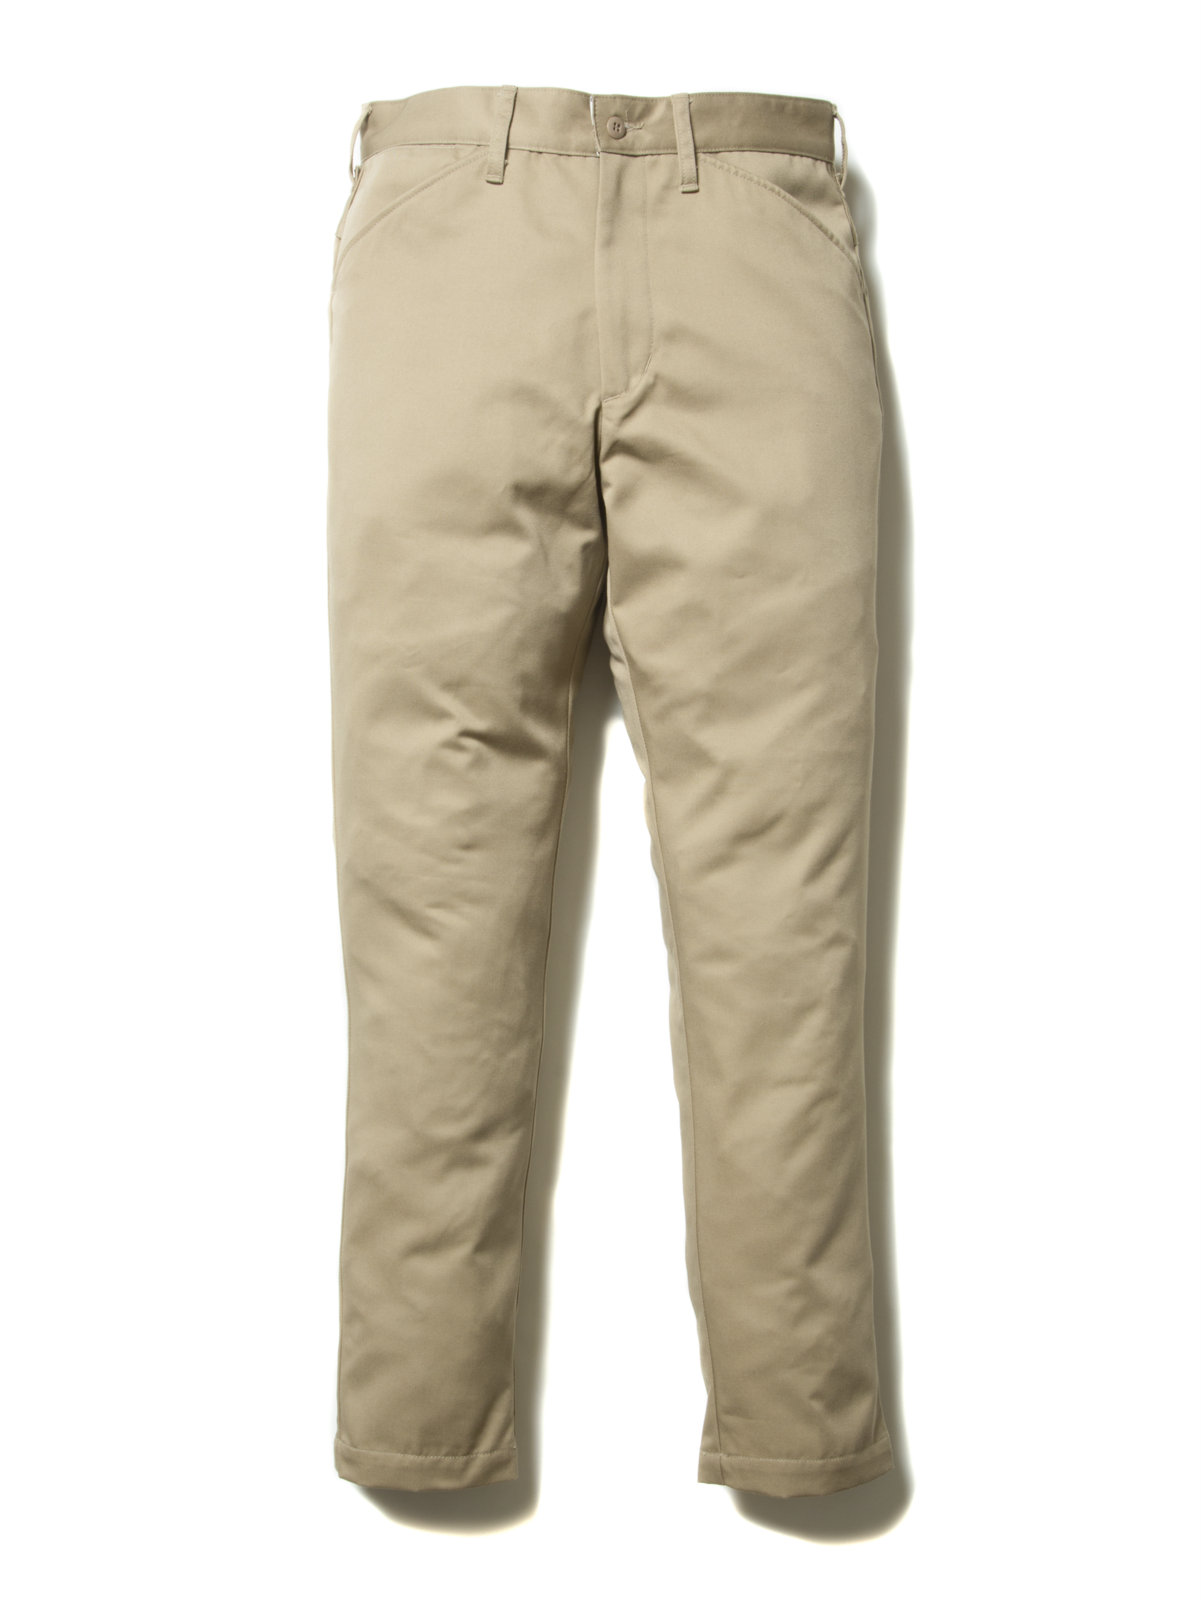 Slim Fit Work Trousers-Beige-